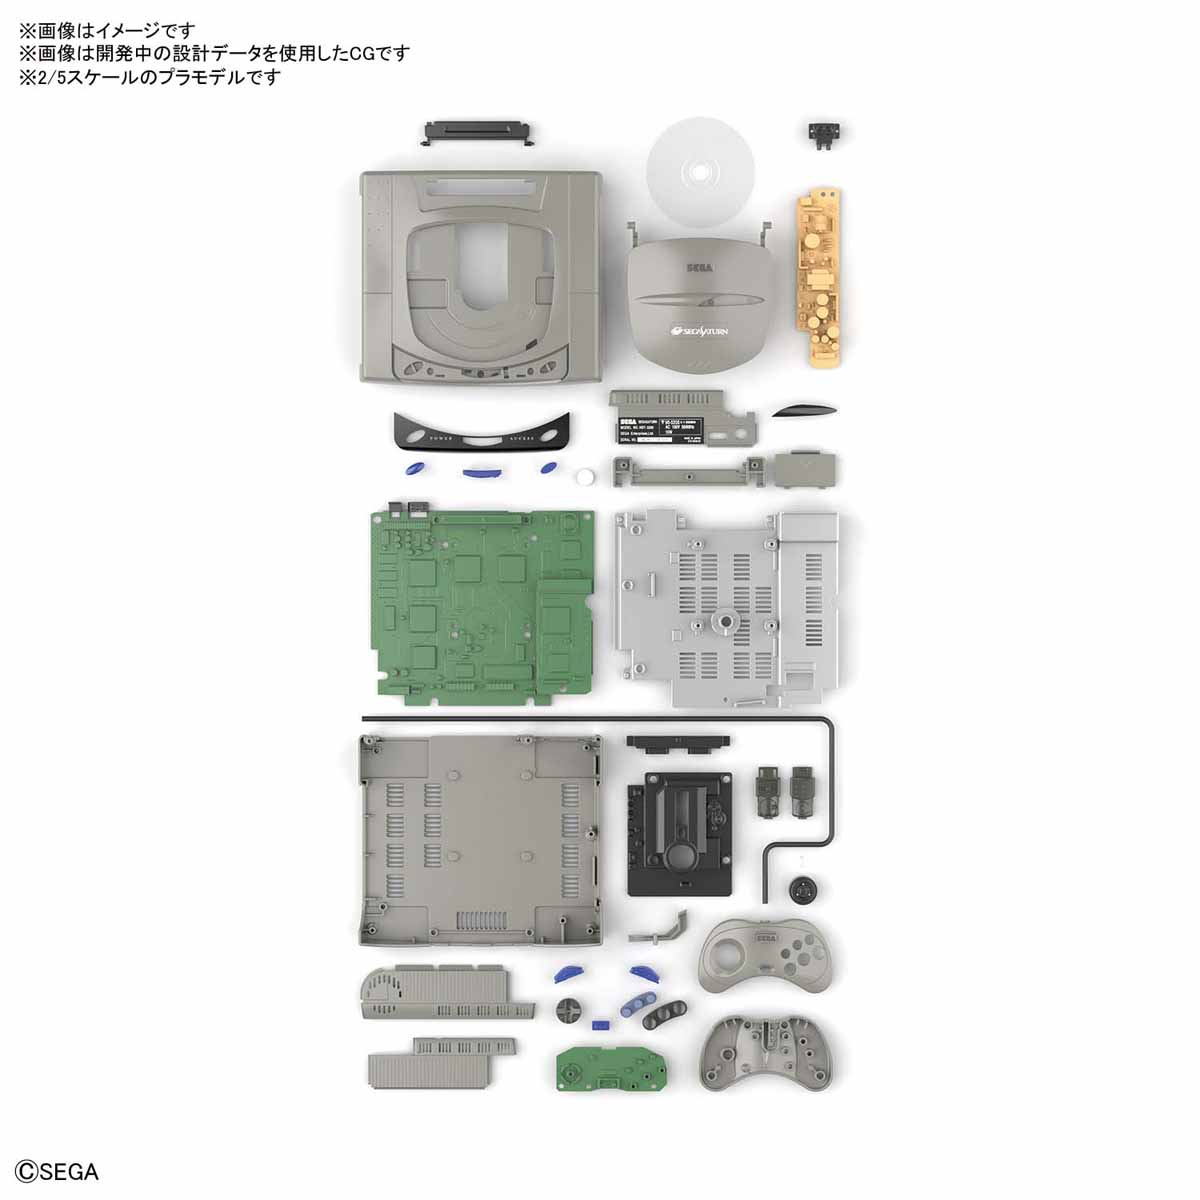 BEST HIT CHRONICLE『セガサターン(HST-3200)』2/5 プラモデル-002